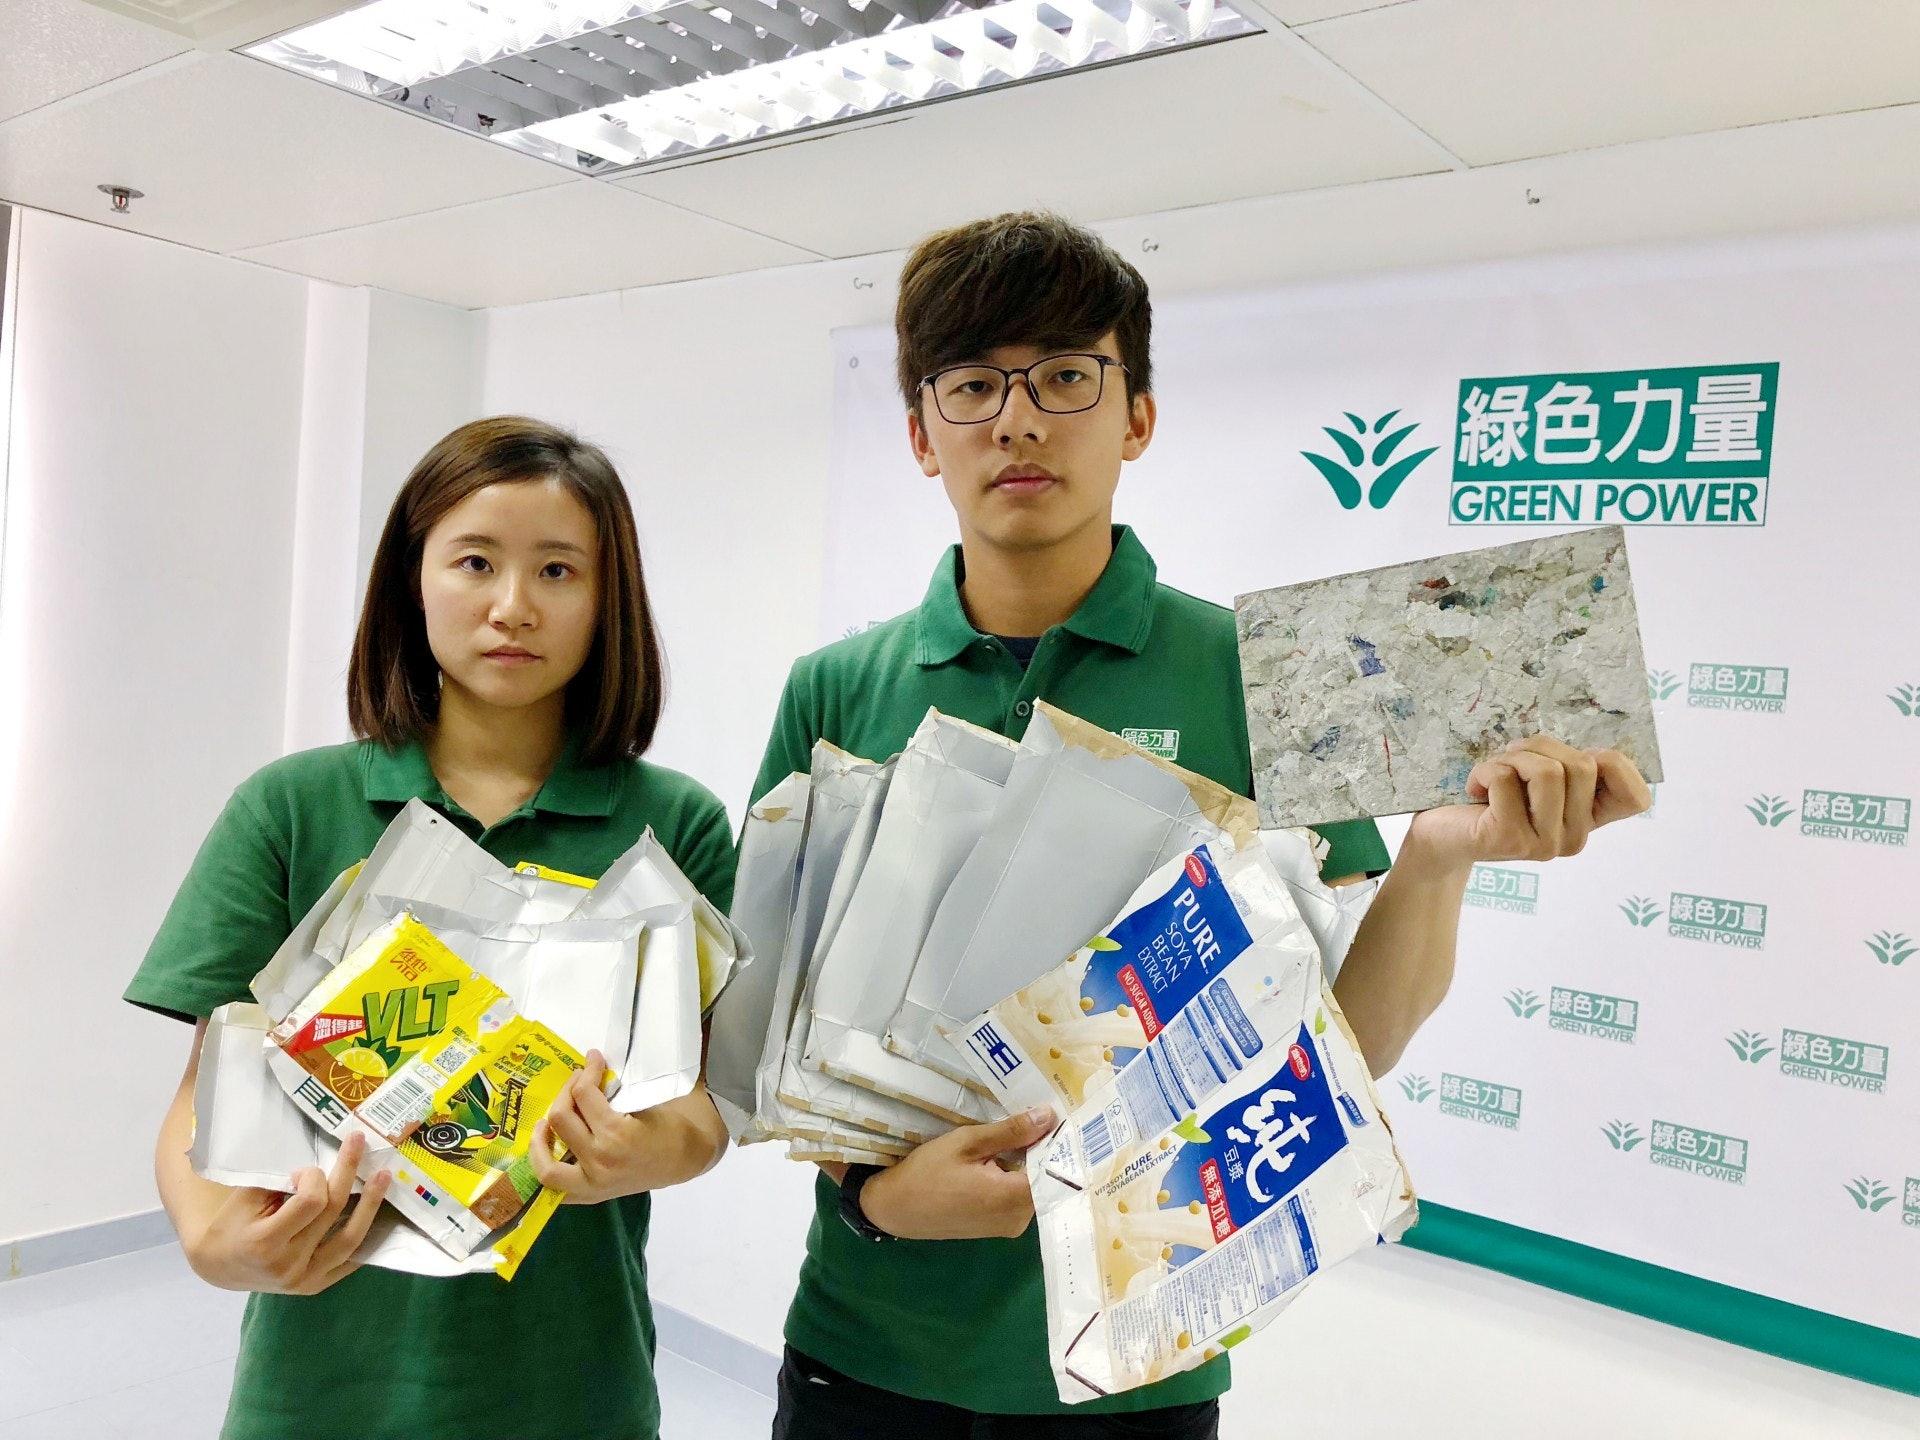 余健綱(右)認為,由本地回收商處理紙包盒有助減低運輸成本及碳排放。(勞敏儀攝)